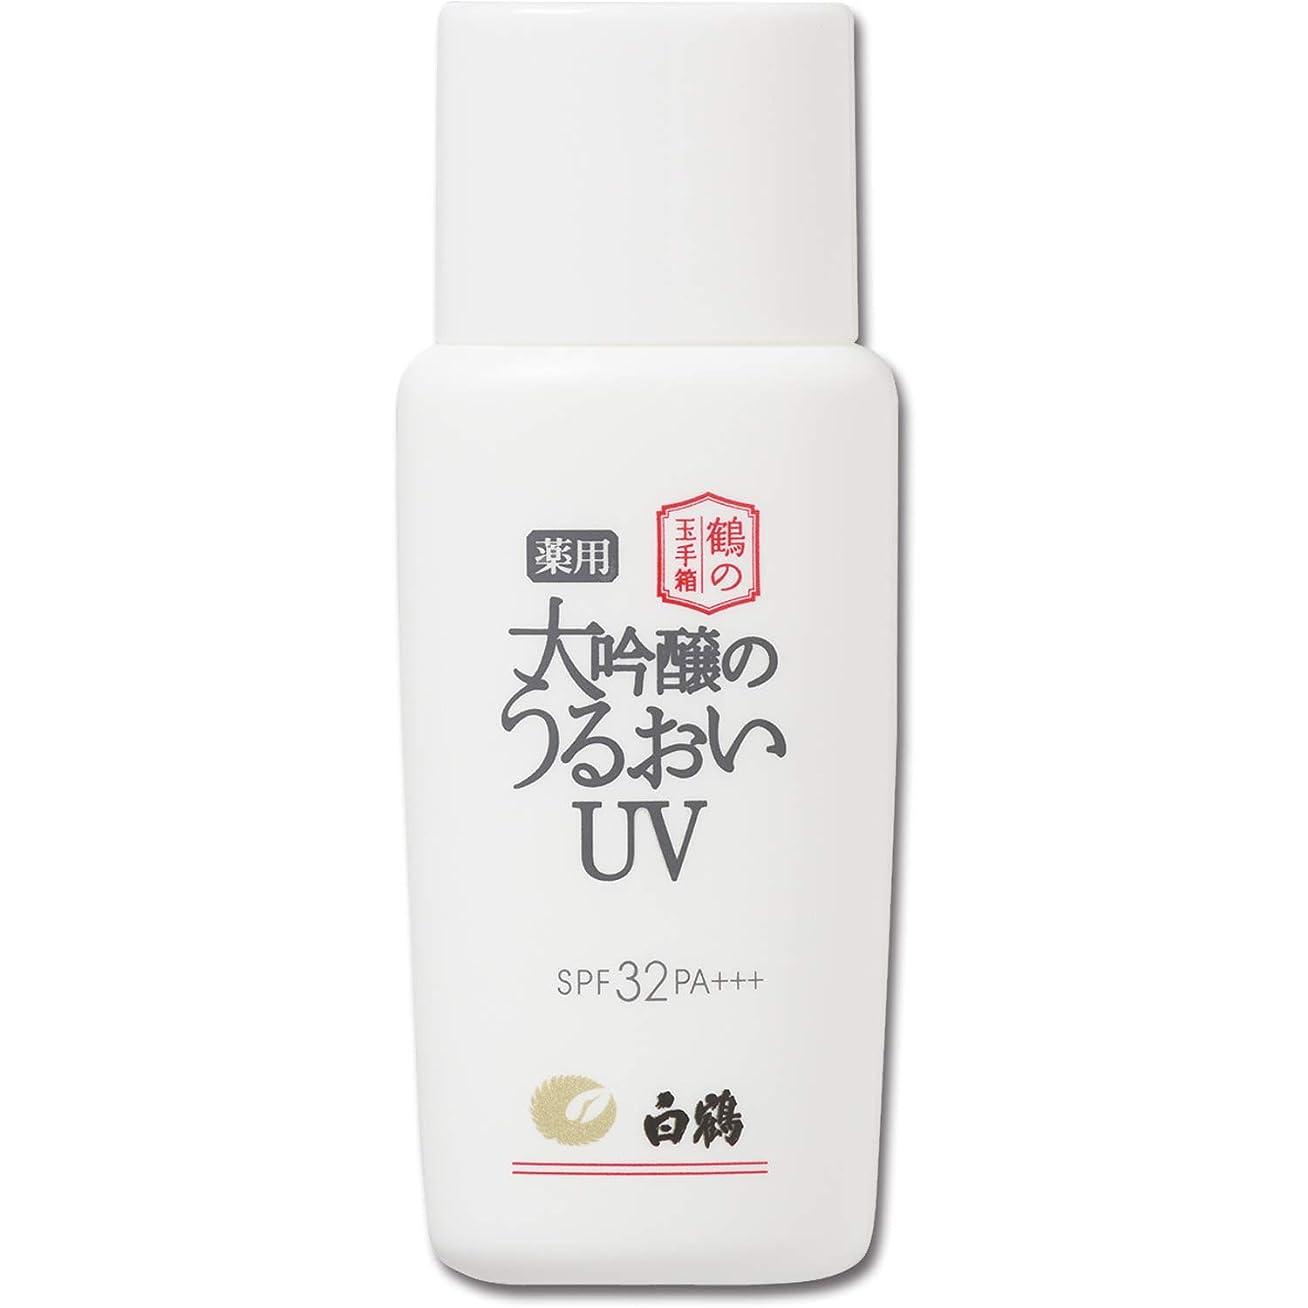 白鶴 鶴の玉手箱 薬用 大吟醸のうるおいUV 50g SPF32 PA+++